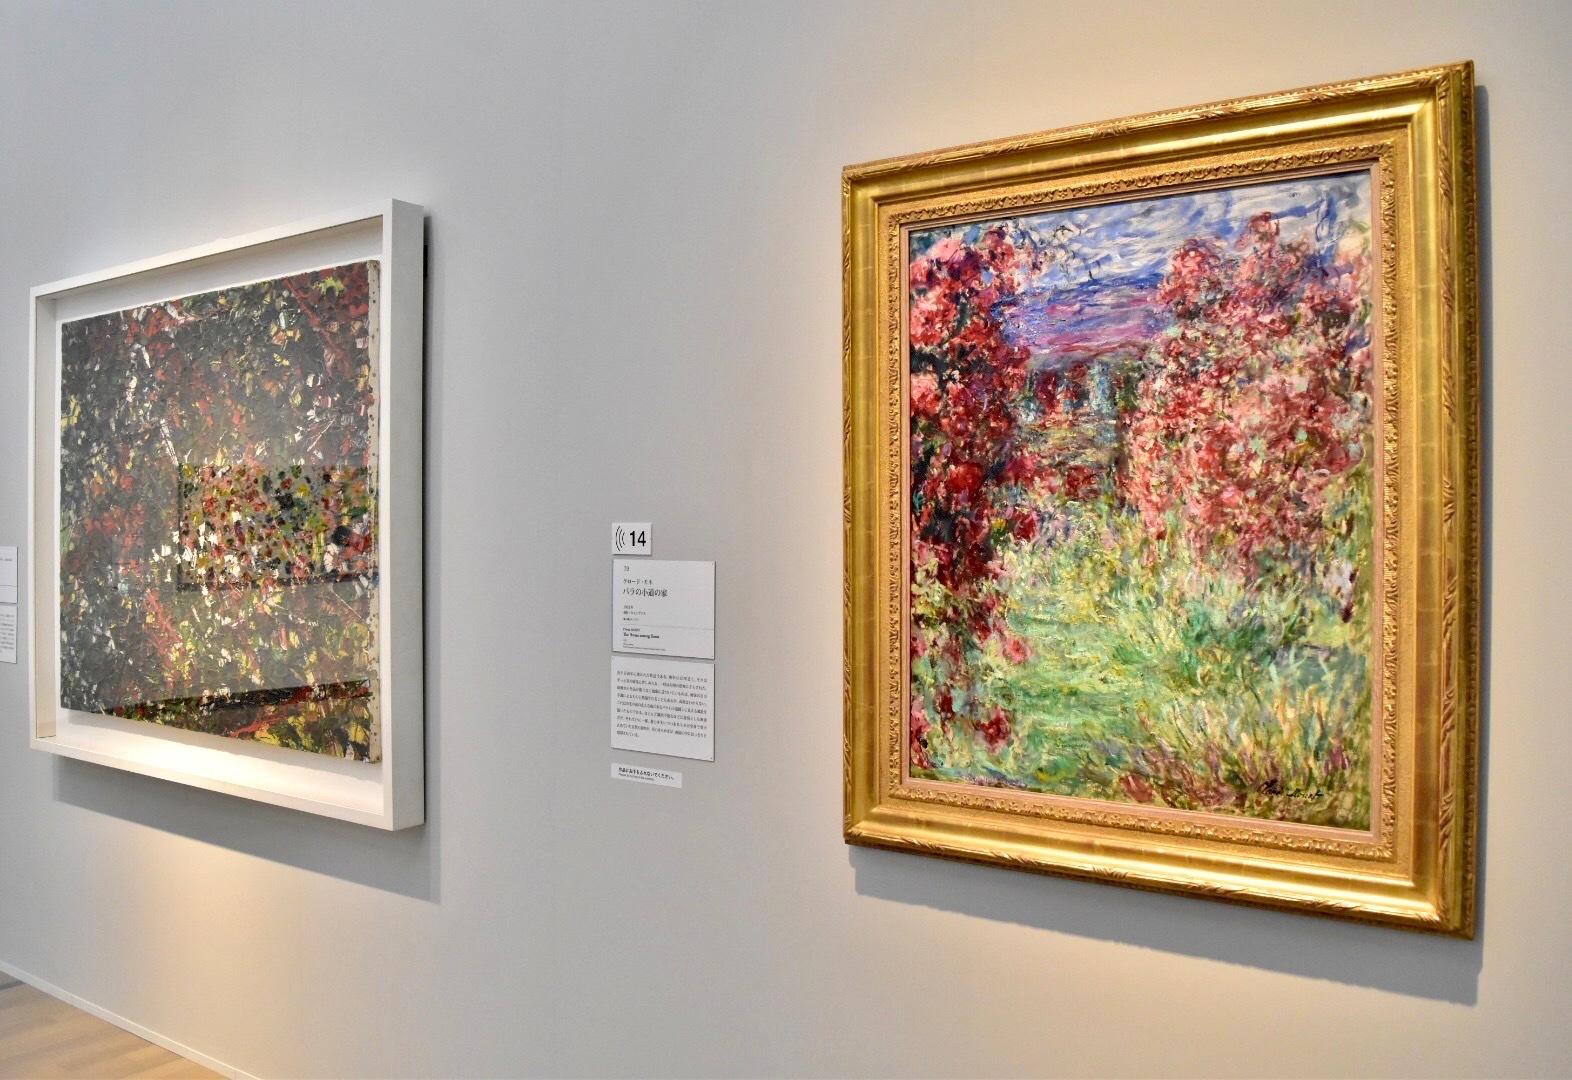 左:ジャン=ポール・リオペル 《絵画》1955年 大原美術館 右:クロード・モネ 《バラの小道の家》1925年 個人蔵(ロンドン)